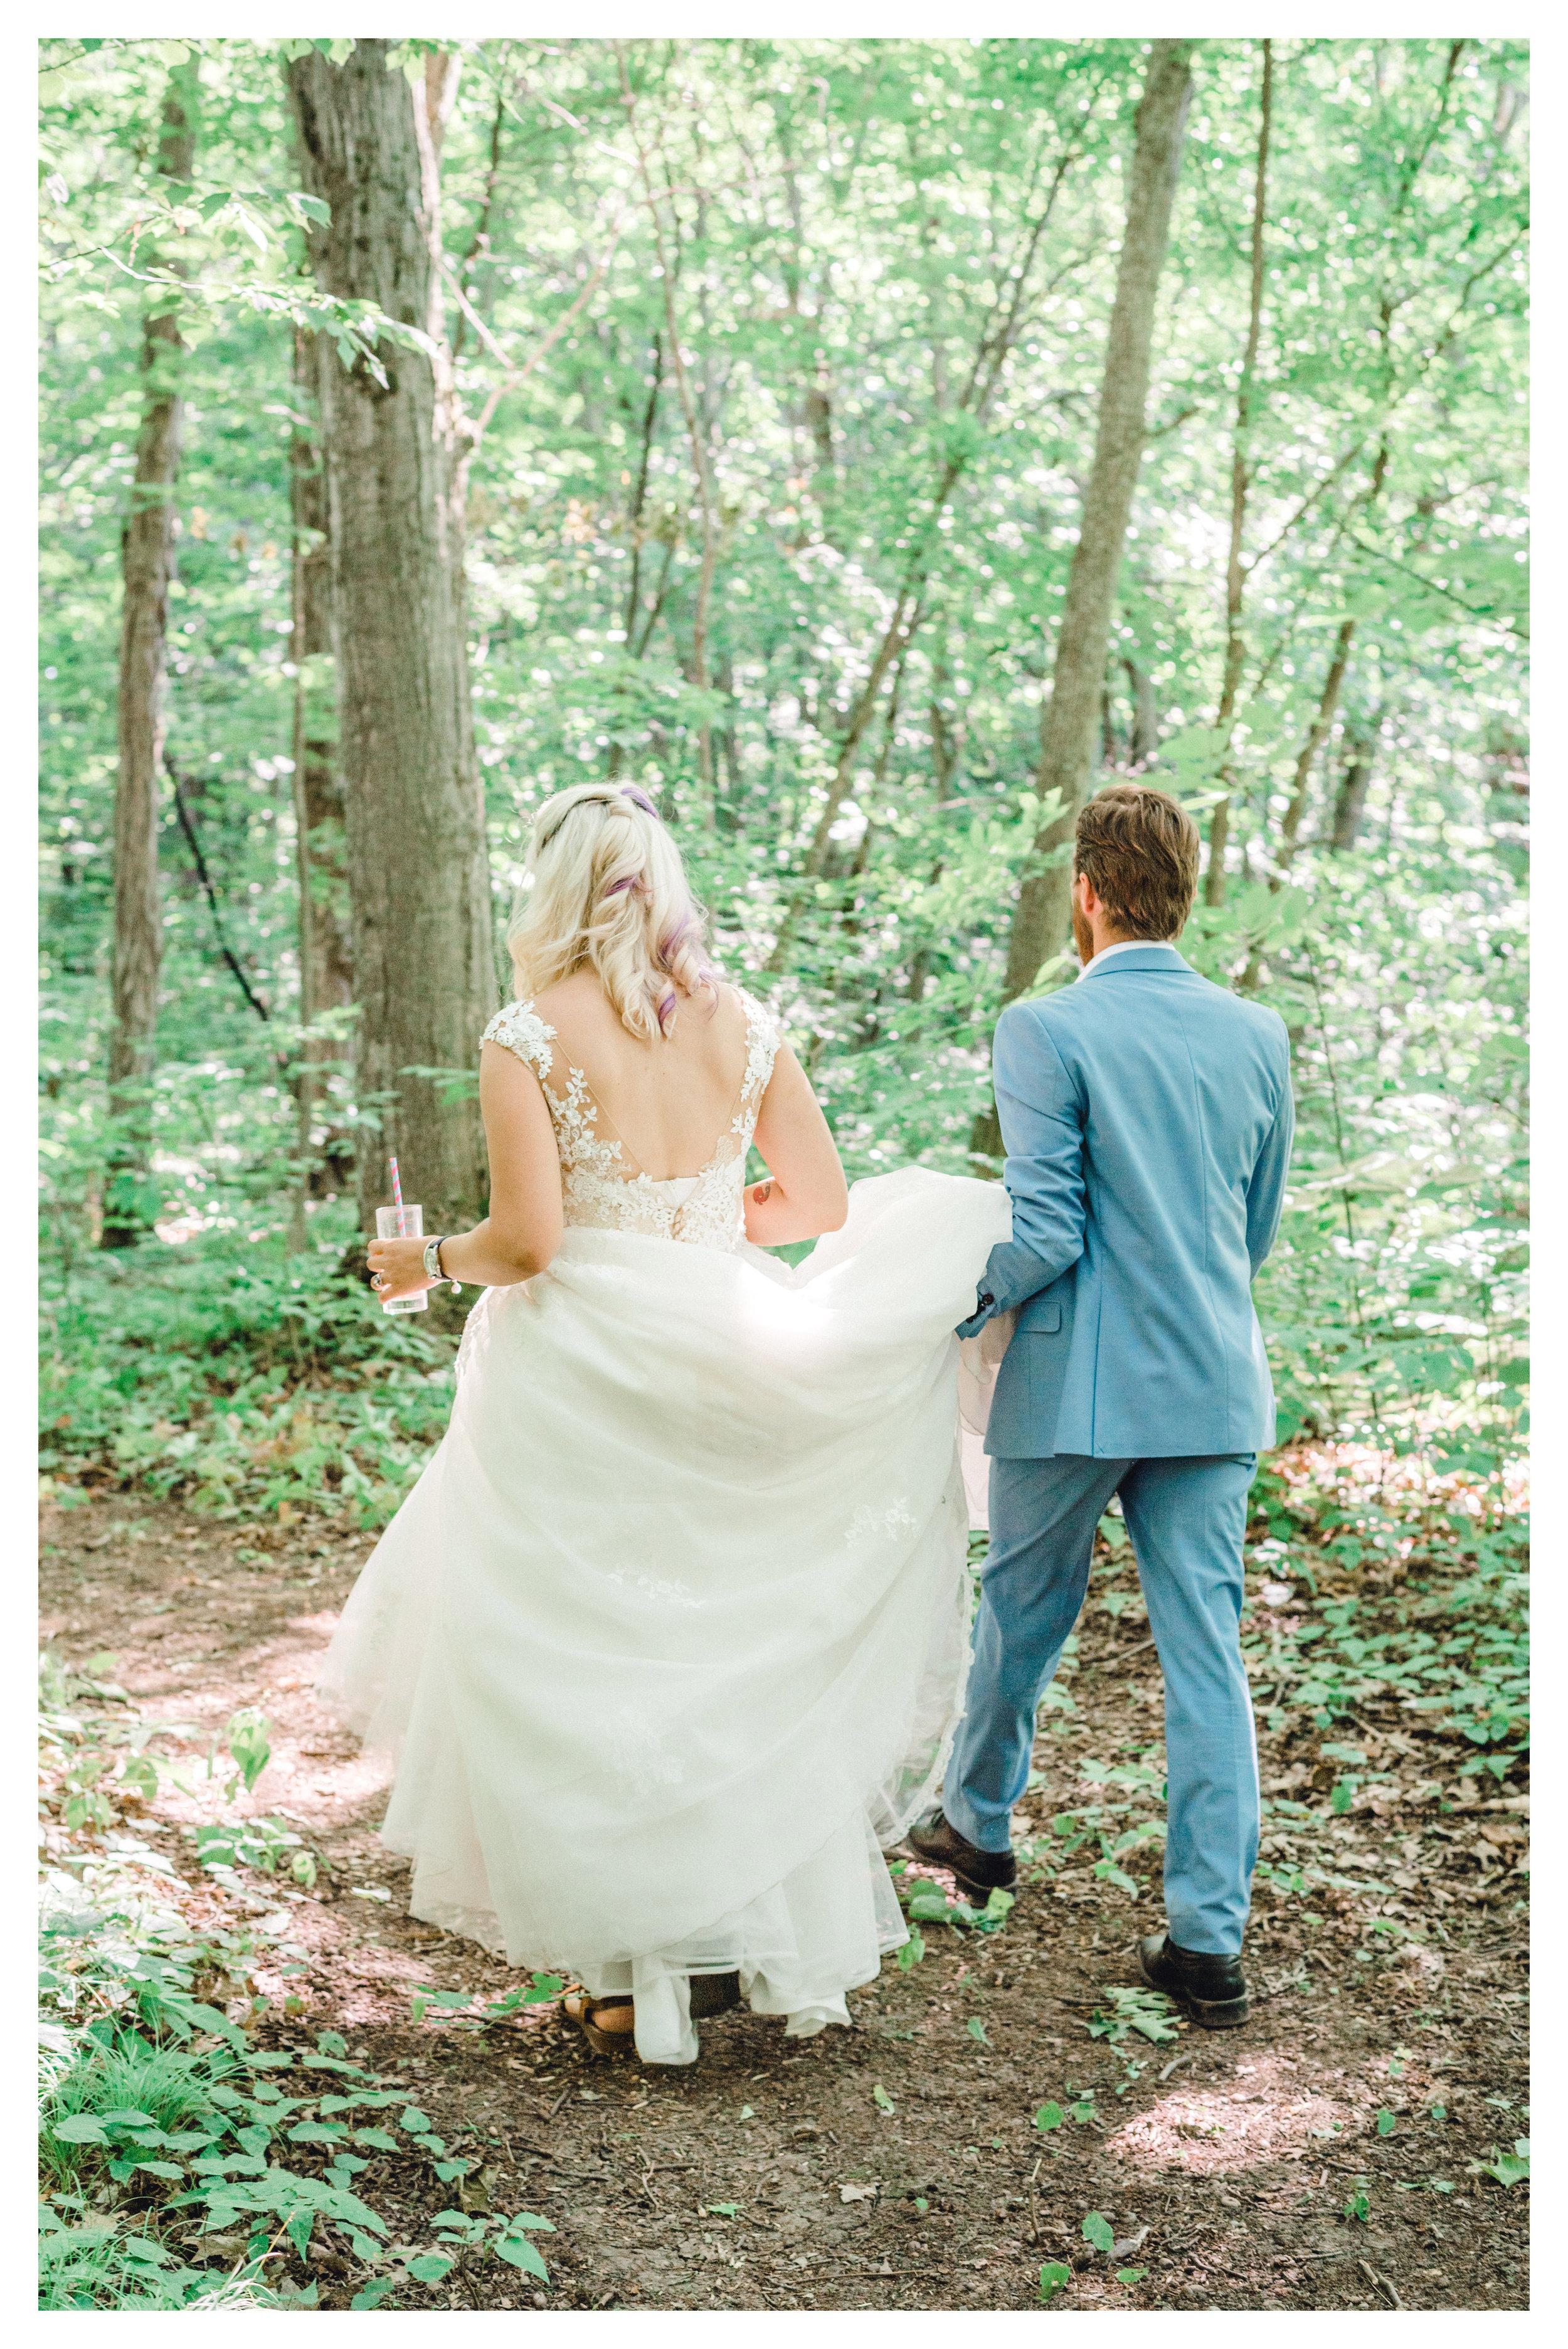 INTIMATE WEDDINGS & ELOPEMENTS - Weddings